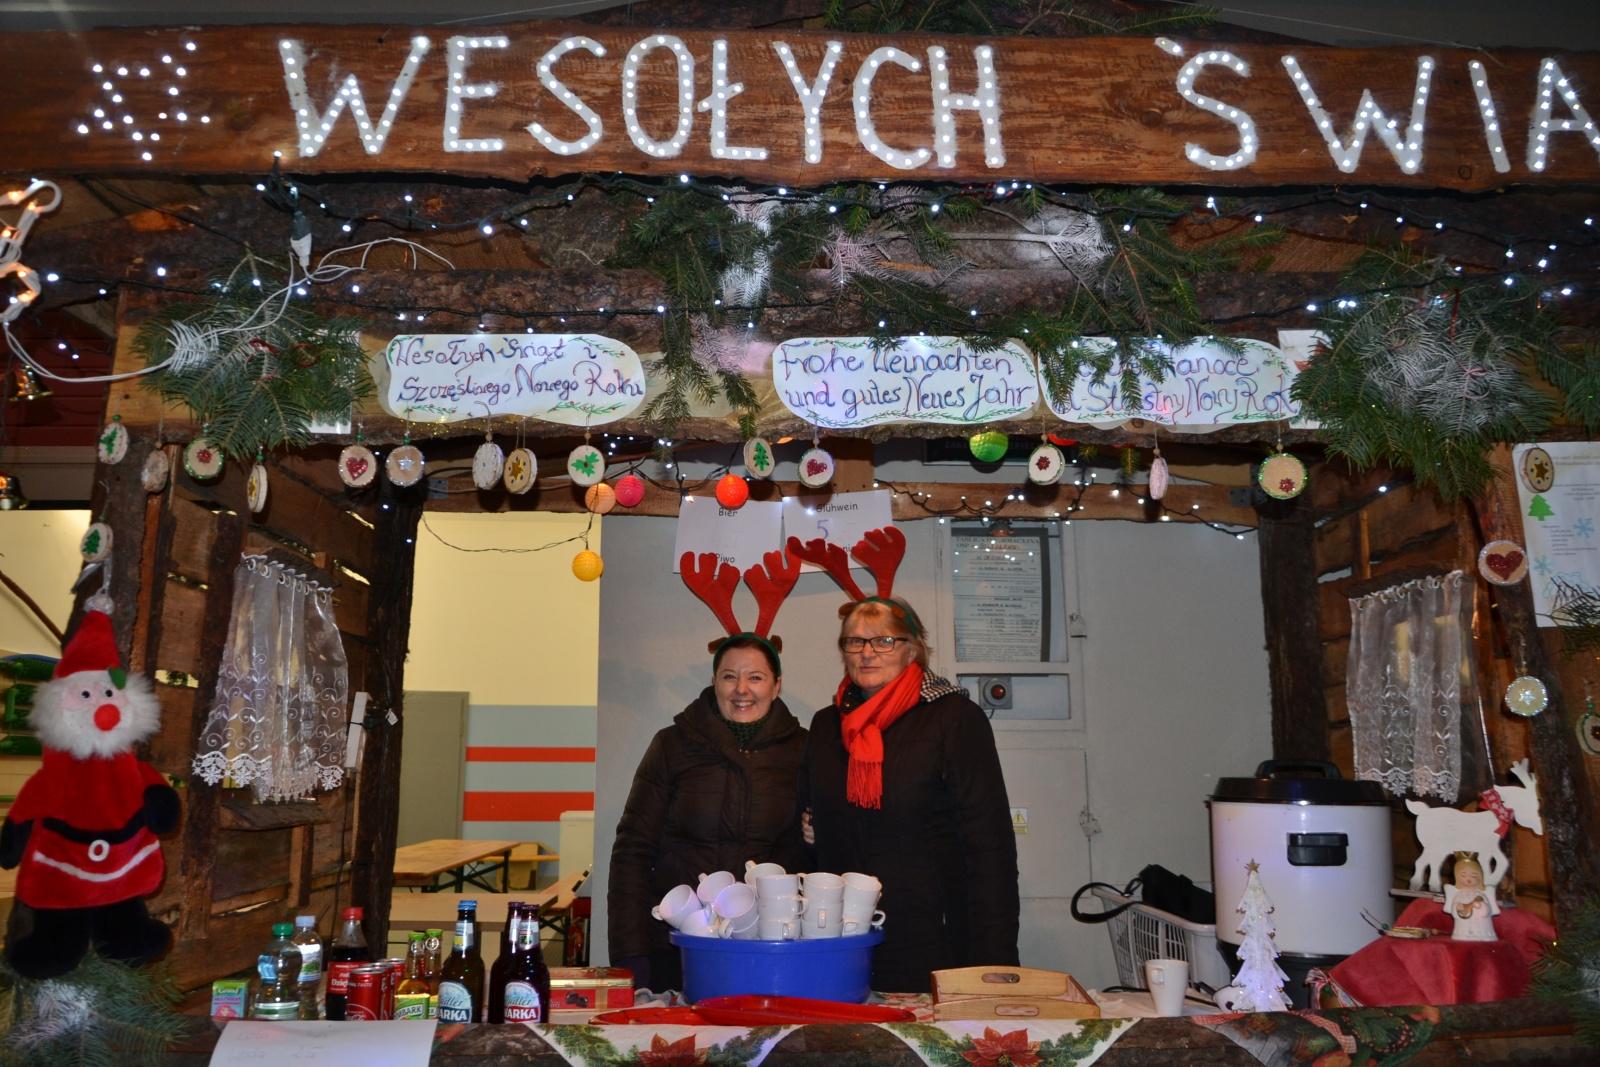 Weihnachtsmarkt W.Zapraszamy Na Weihnachtsmarkt W Bolesławiu Gmina Krzyżanowice